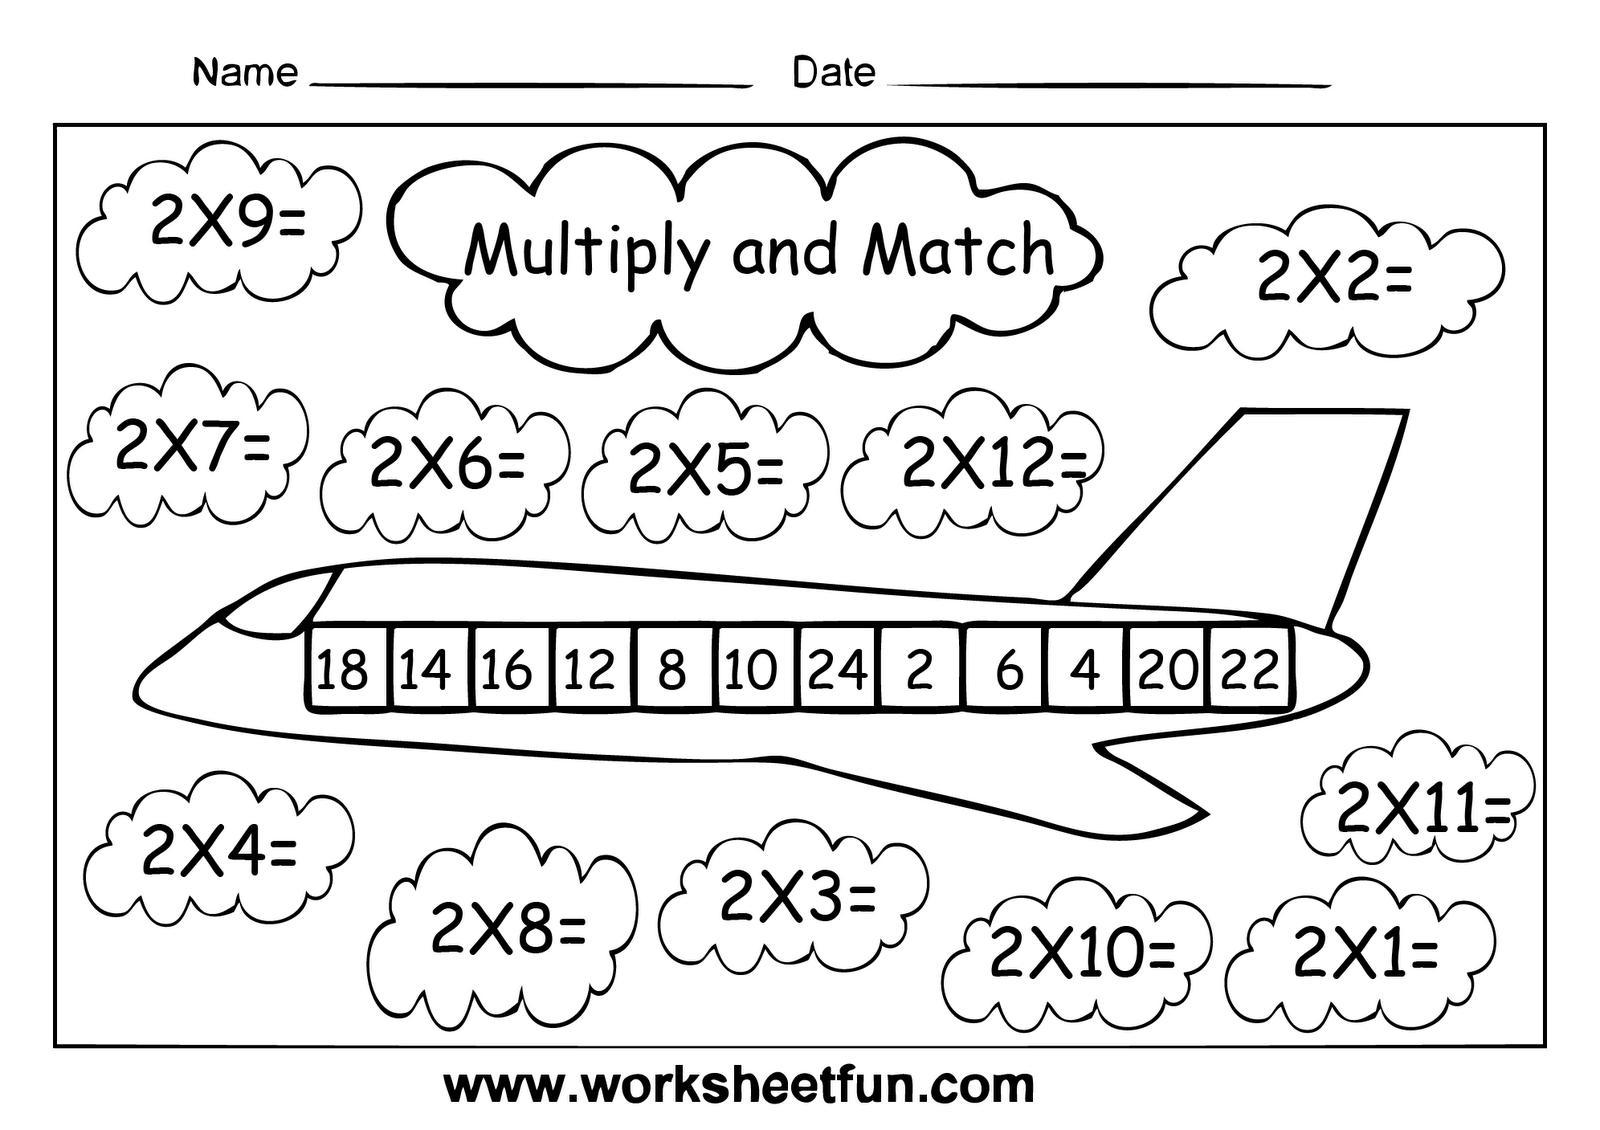 hight resolution of Multiplication Worksheets For Grade 5 – Kindergarten Worksheets